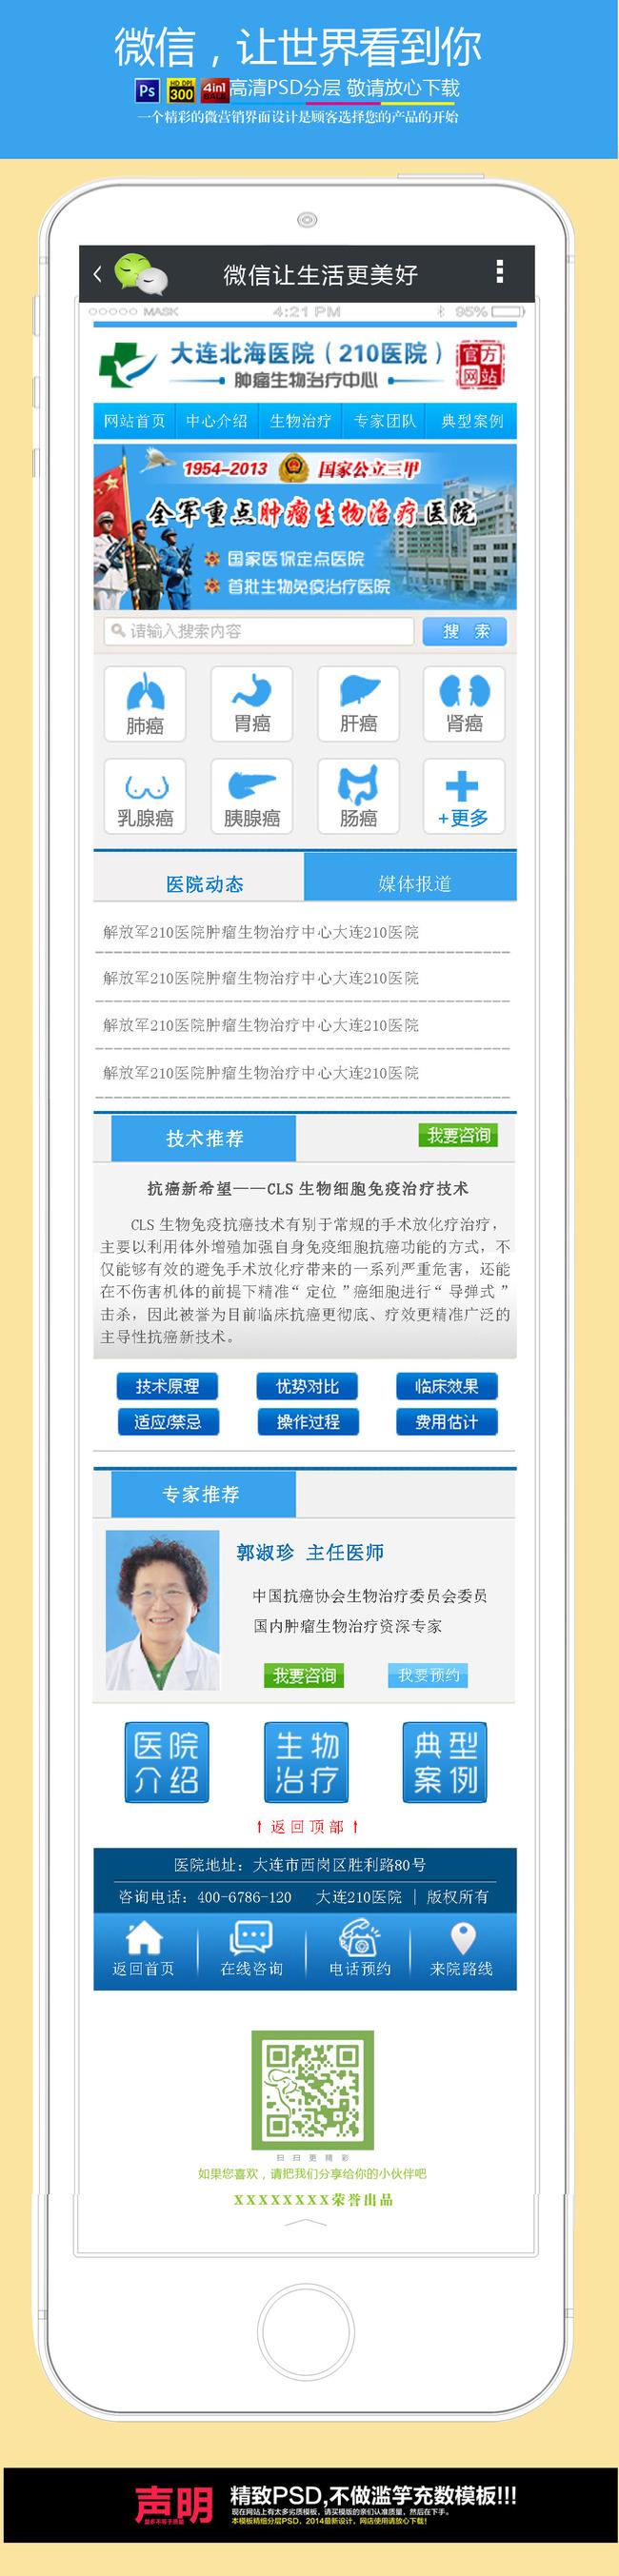 医院肿瘤微信公众平台图文消息模板模板下载(图片编号